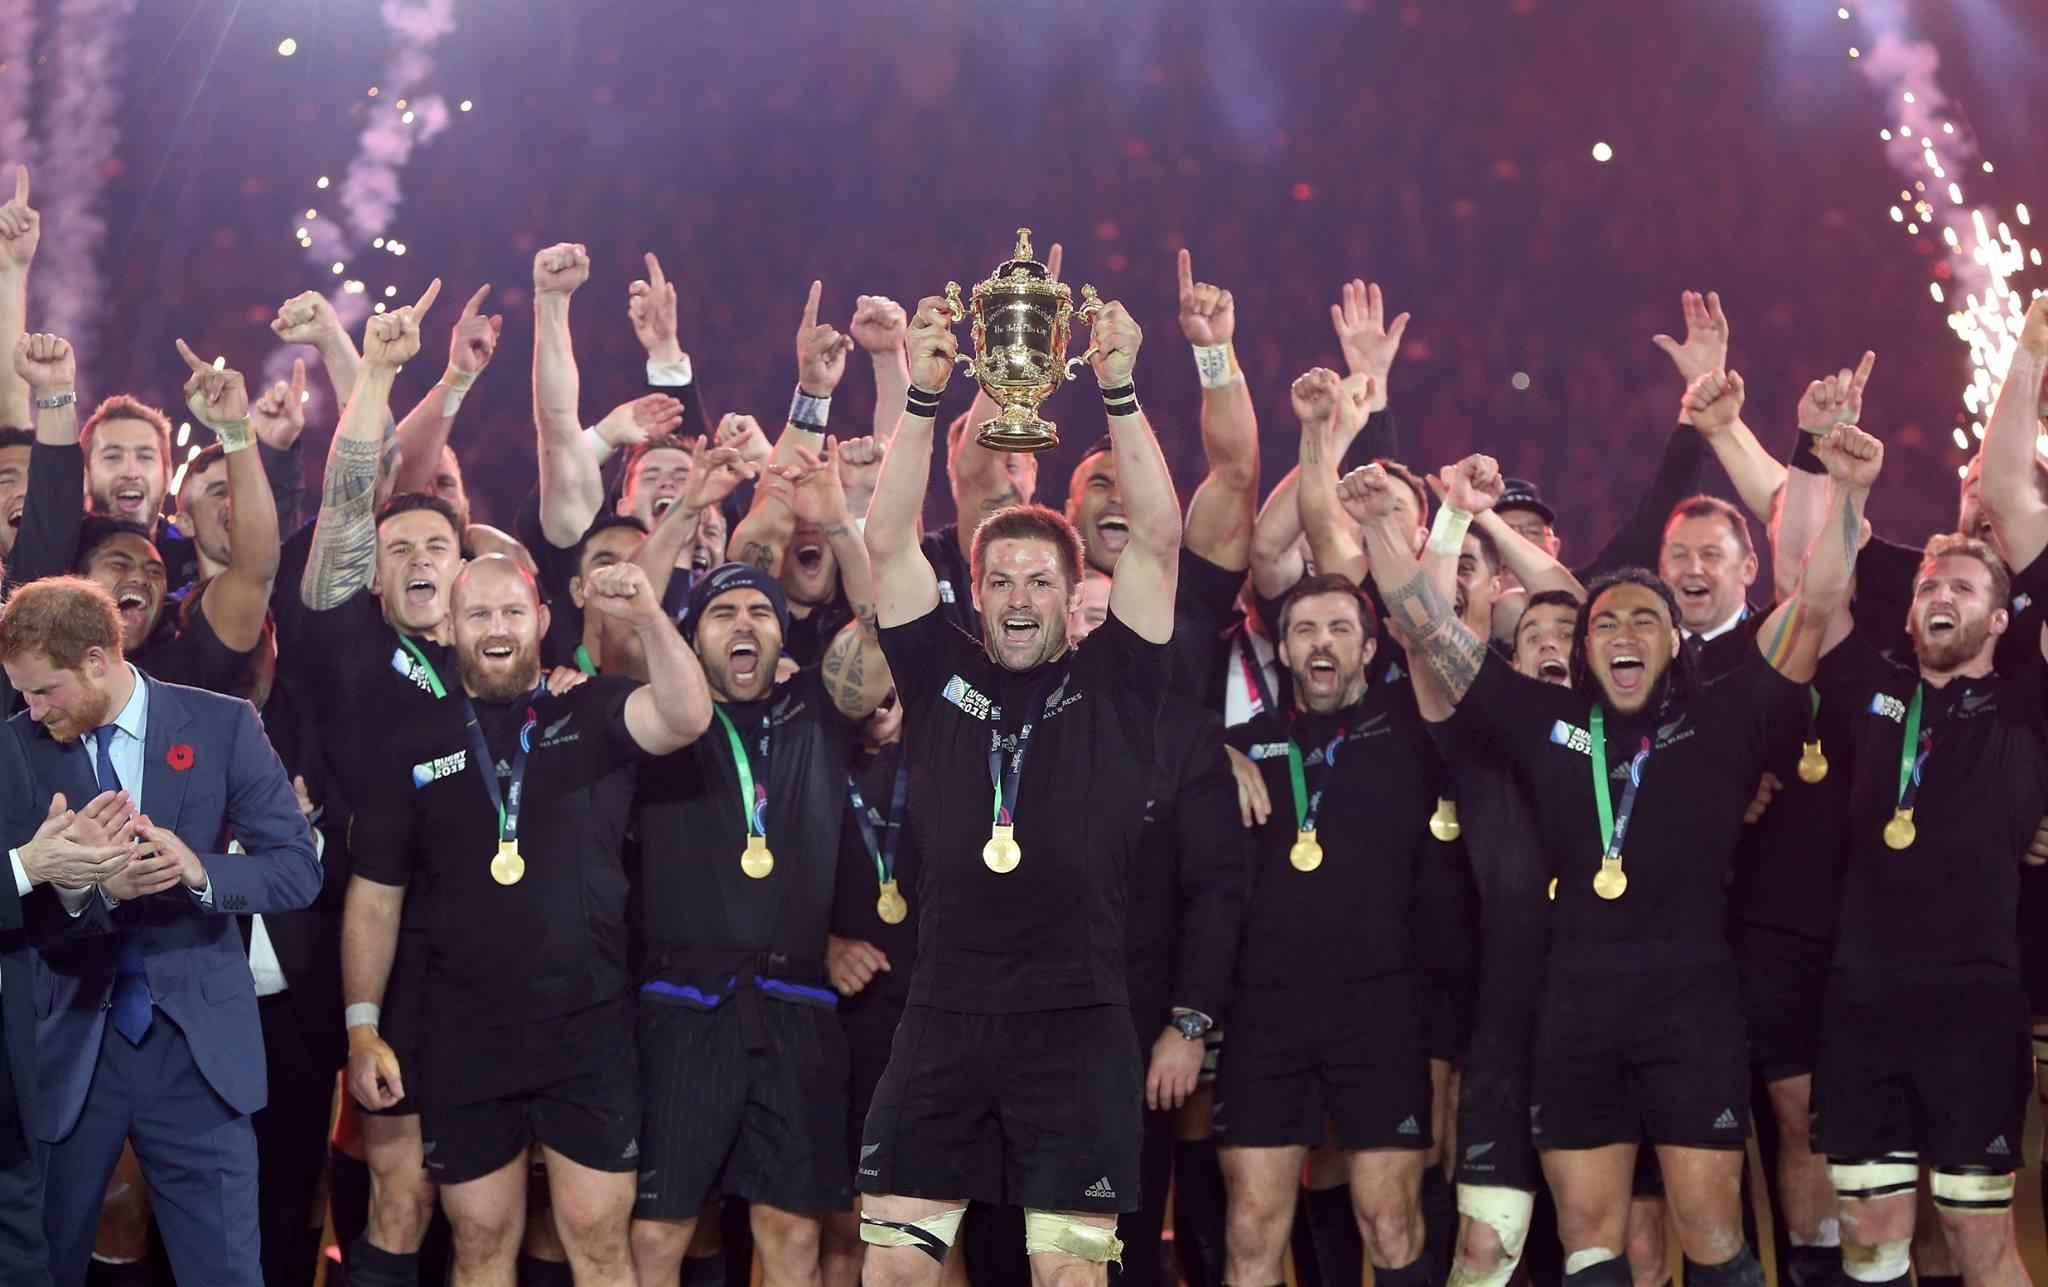 ラグビーワールドカップ2015で優勝したニュージーランド代表